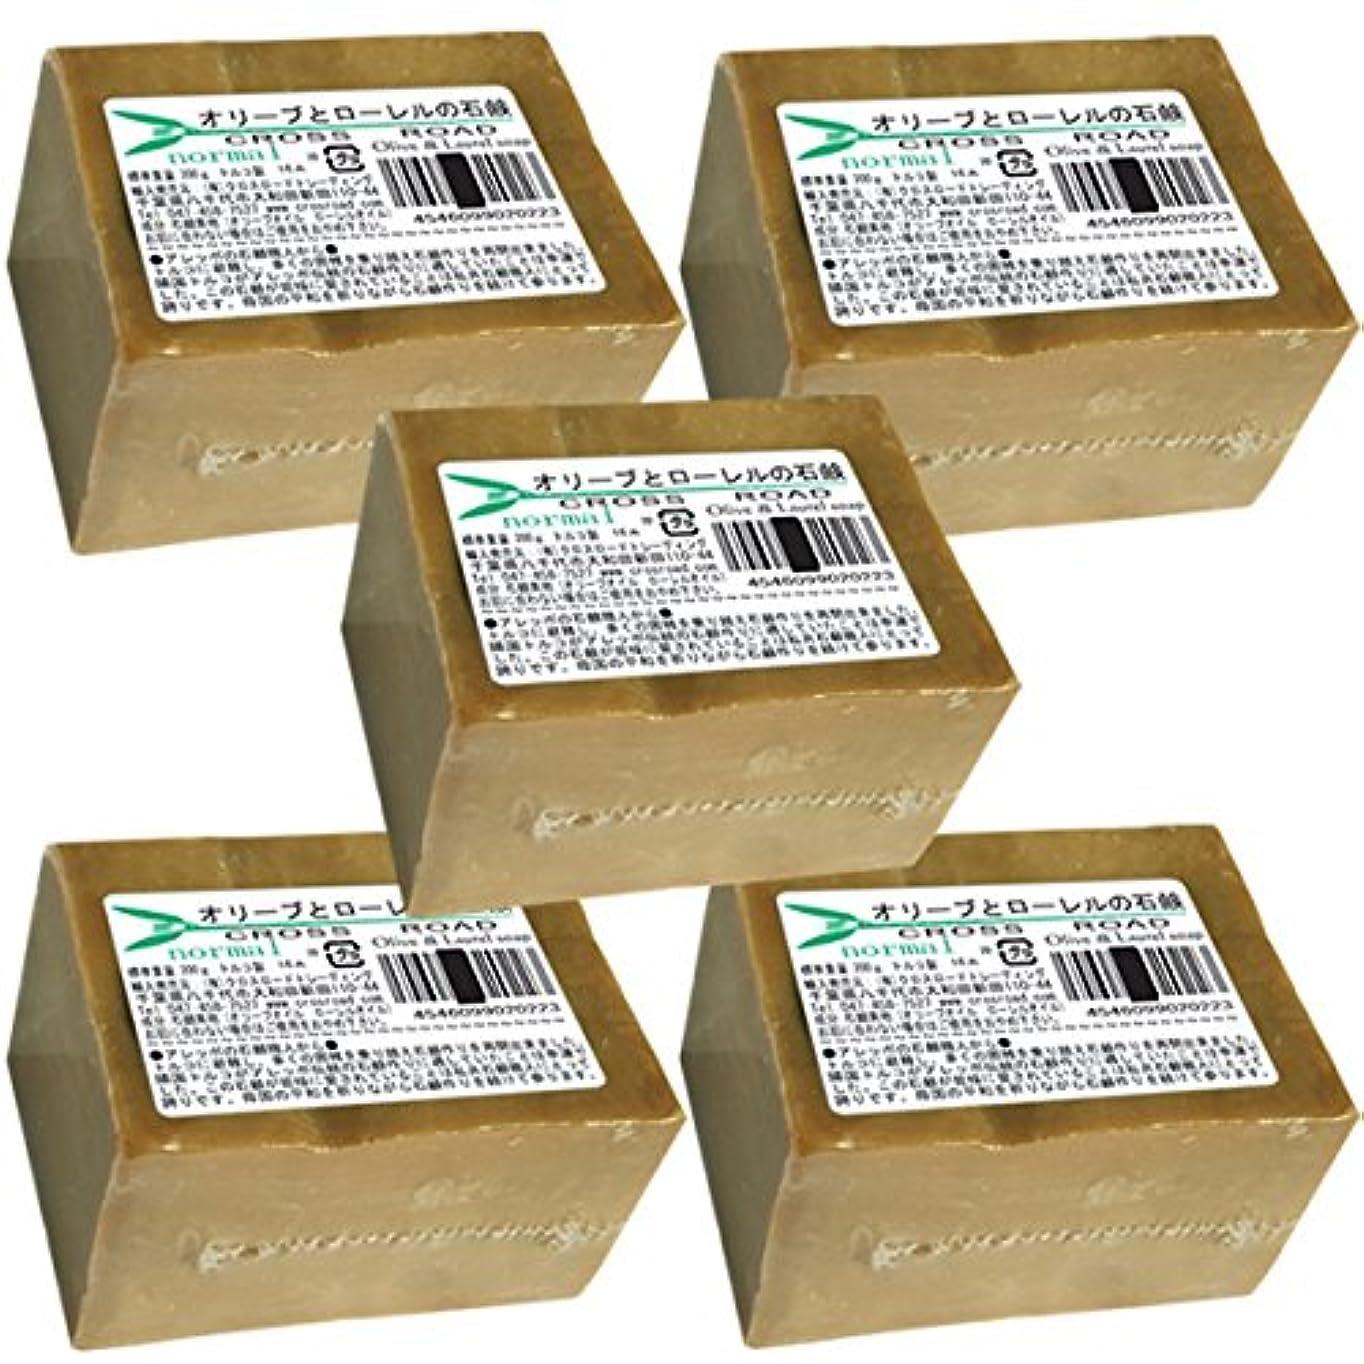 支払うに対処する昼間オリーブとローレルの石鹸(ノーマル)5個セット[並行輸入品]